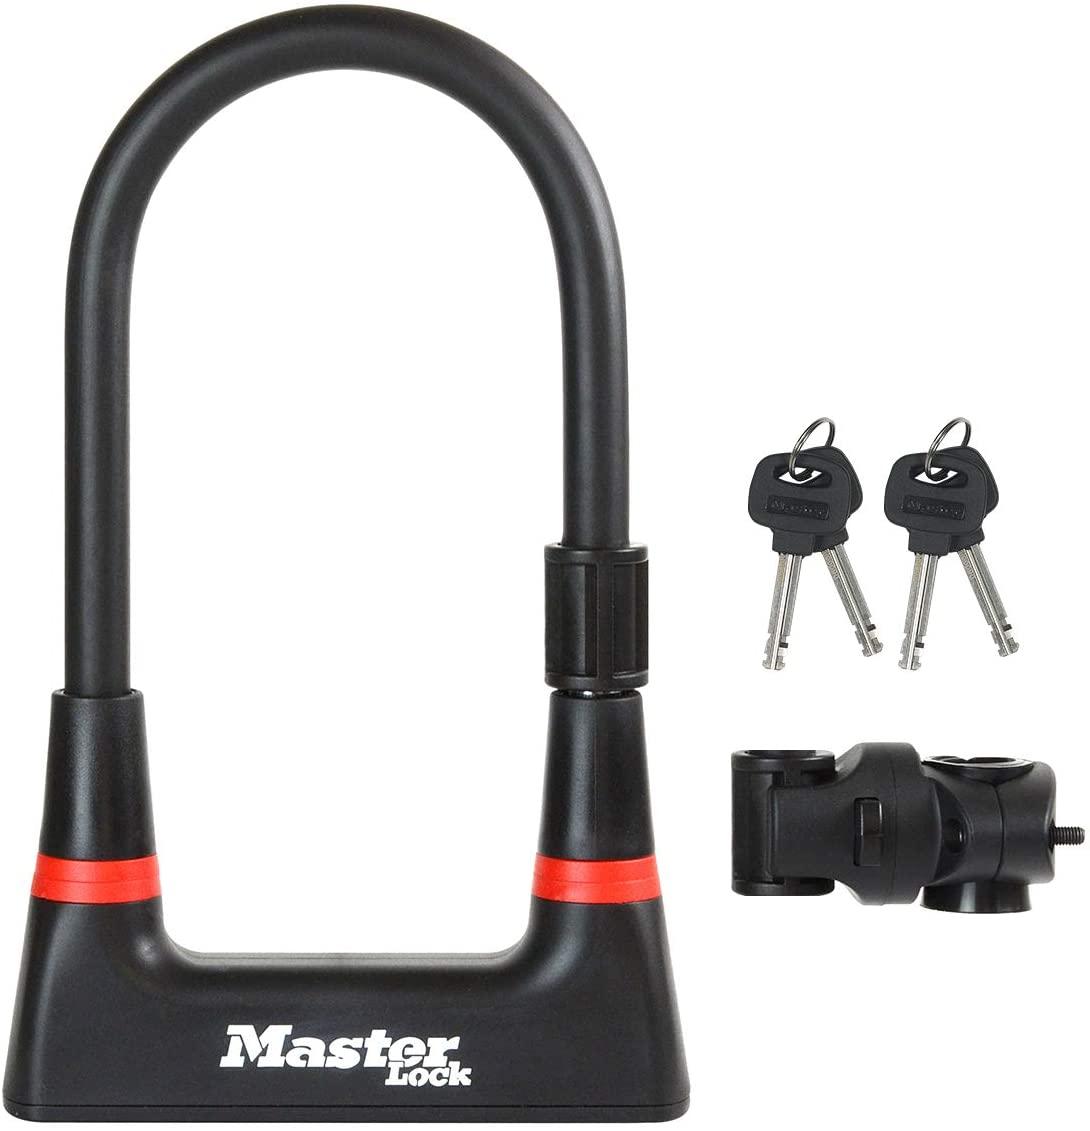 Master Lock 8279 Bügelschloss - VDS Zertifiziertes Fahrrad Schloss - nur Filialabholung